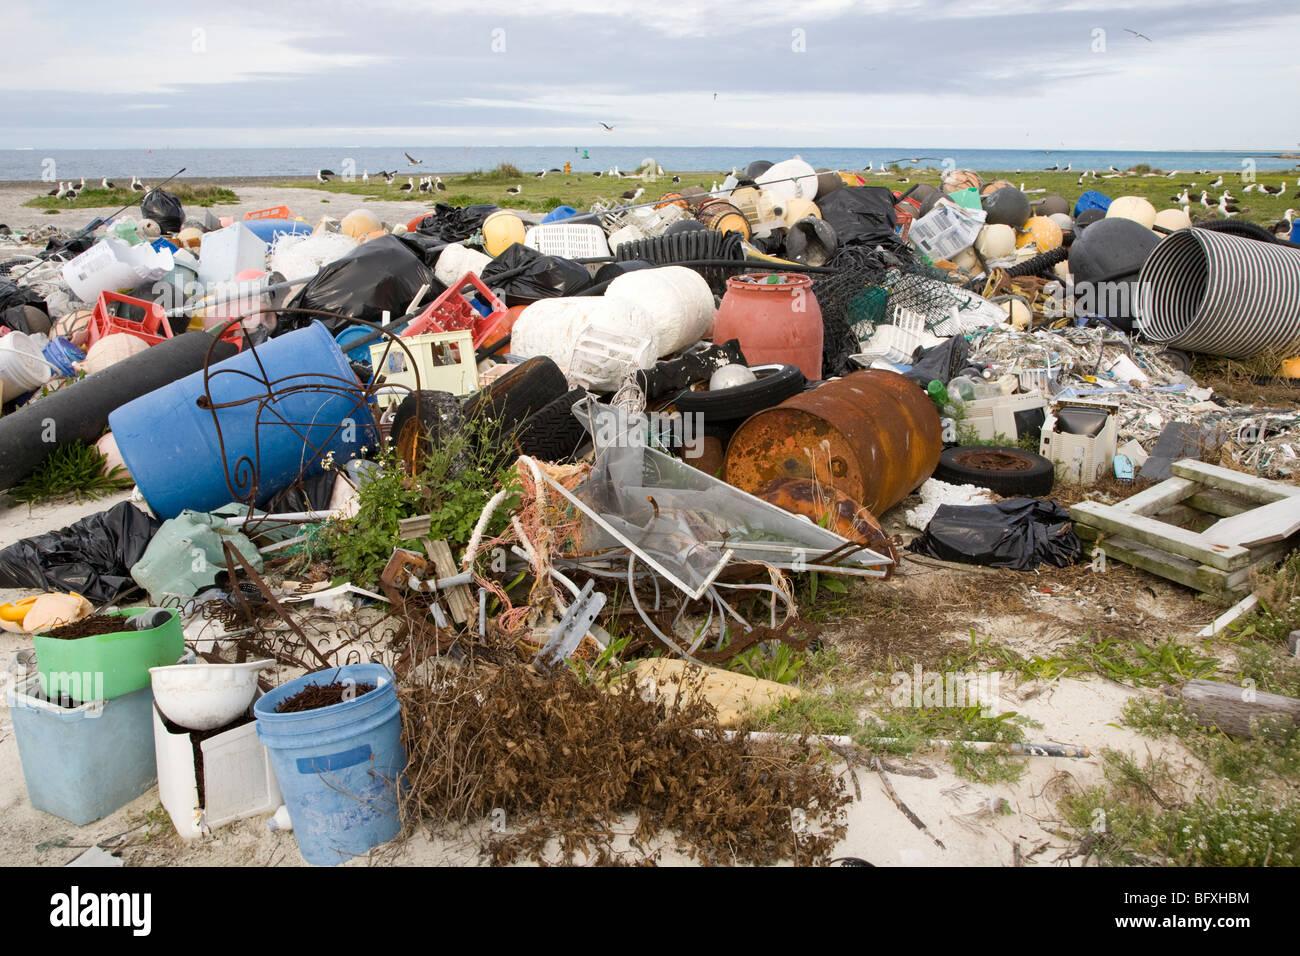 Los desechos marinos trajo al Atolón de Midway por las corrientes oceánicas, recogidos para ser enviadas fuera de la isla para su reciclado o eliminación Foto de stock